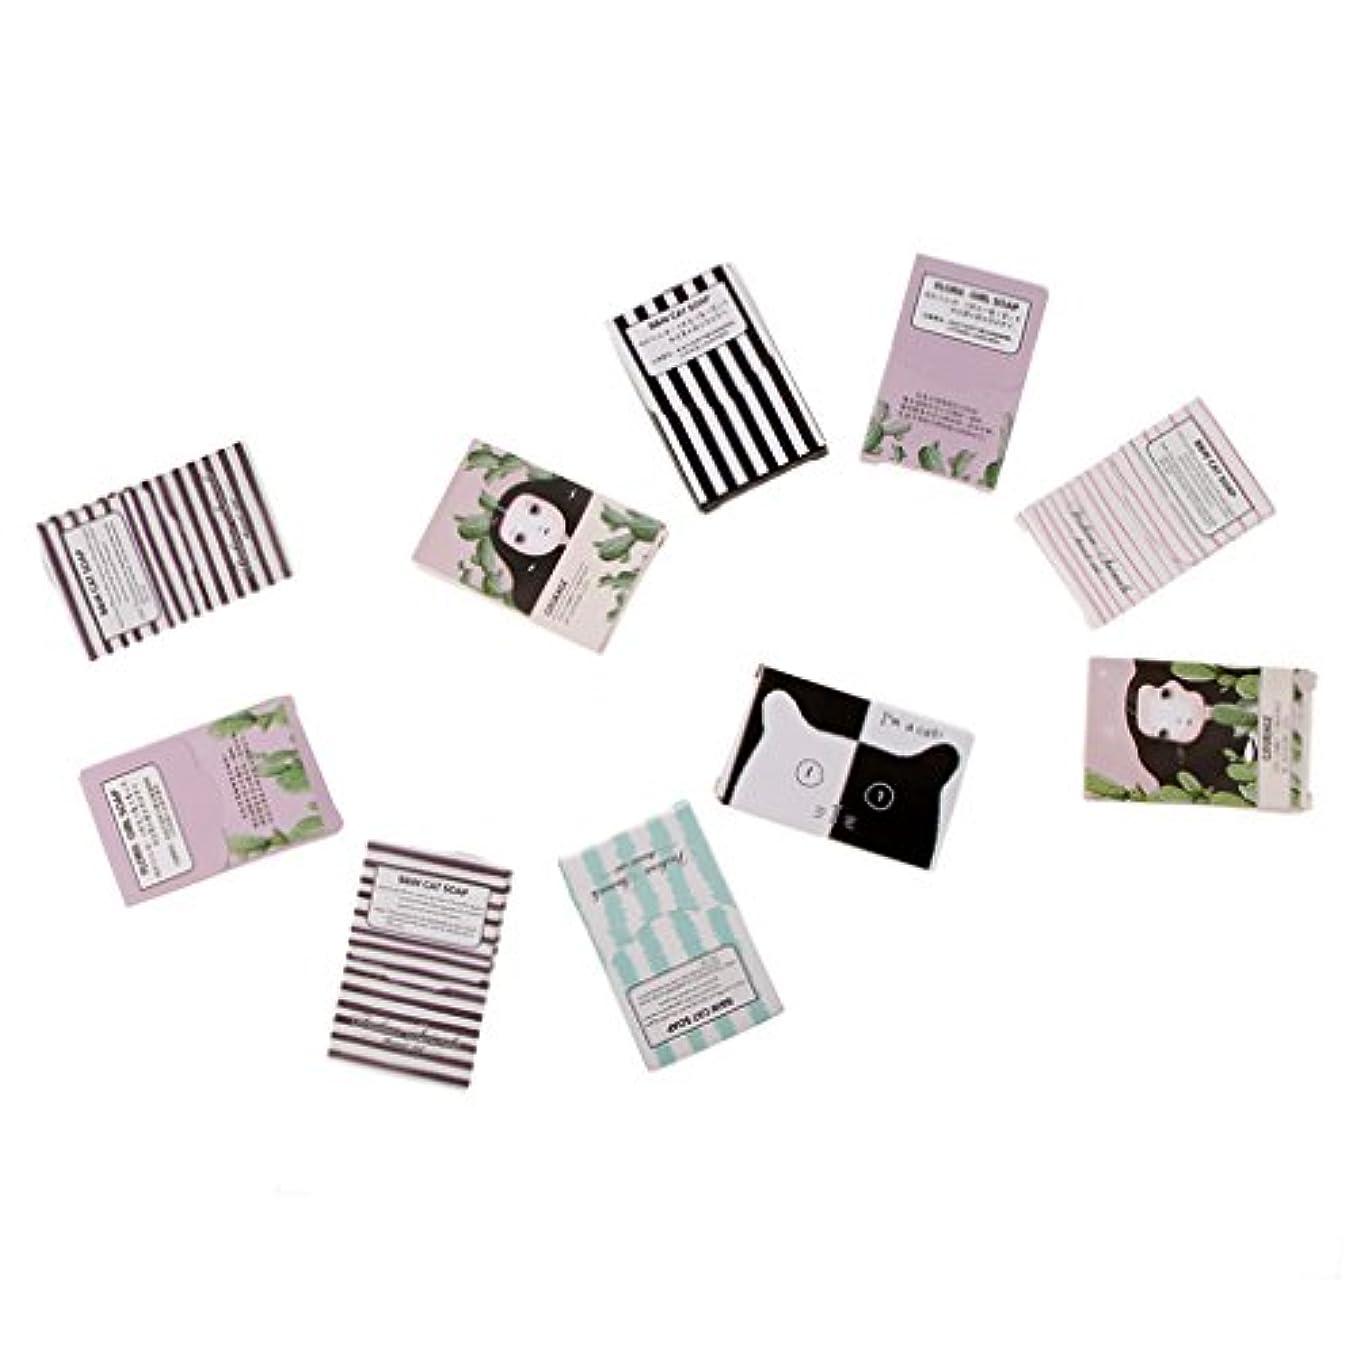 ダイヤル床を掃除する補う石鹸シート 手洗い 石鹸フレーク キャン プアウトドア 旅行紙 約150枚